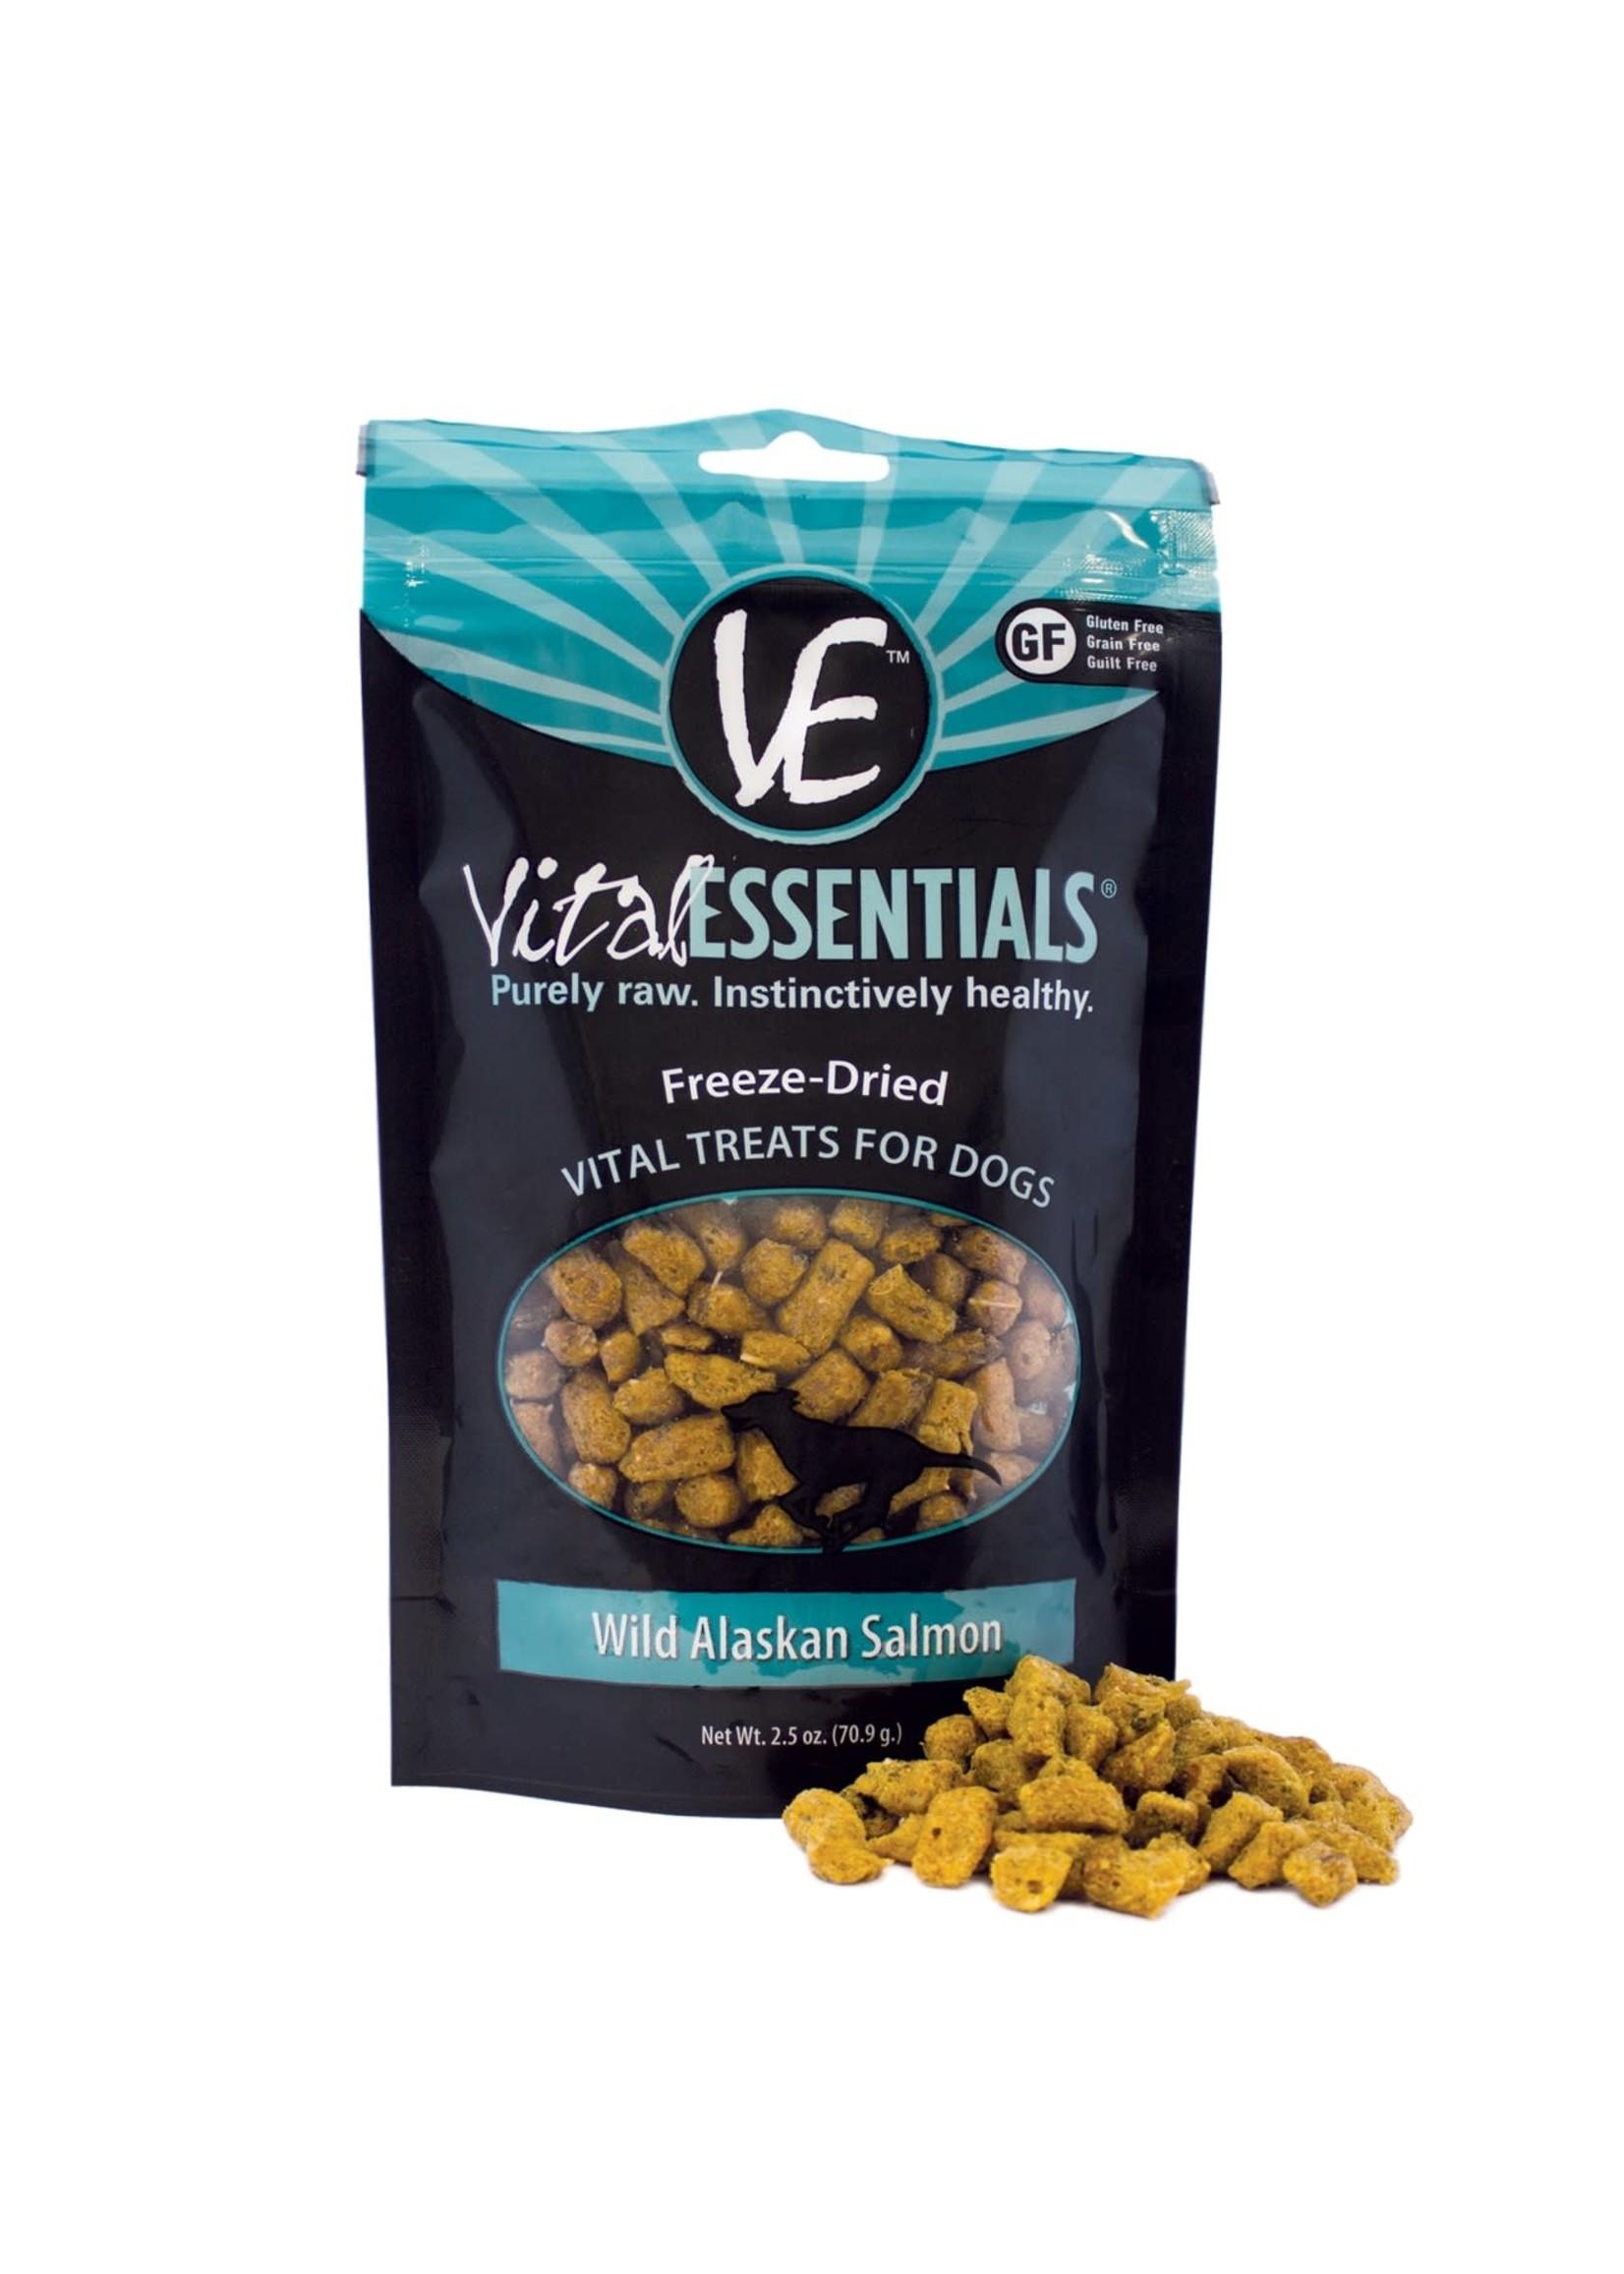 Vital Essentials Vital Essentials FD Salmon 2oz